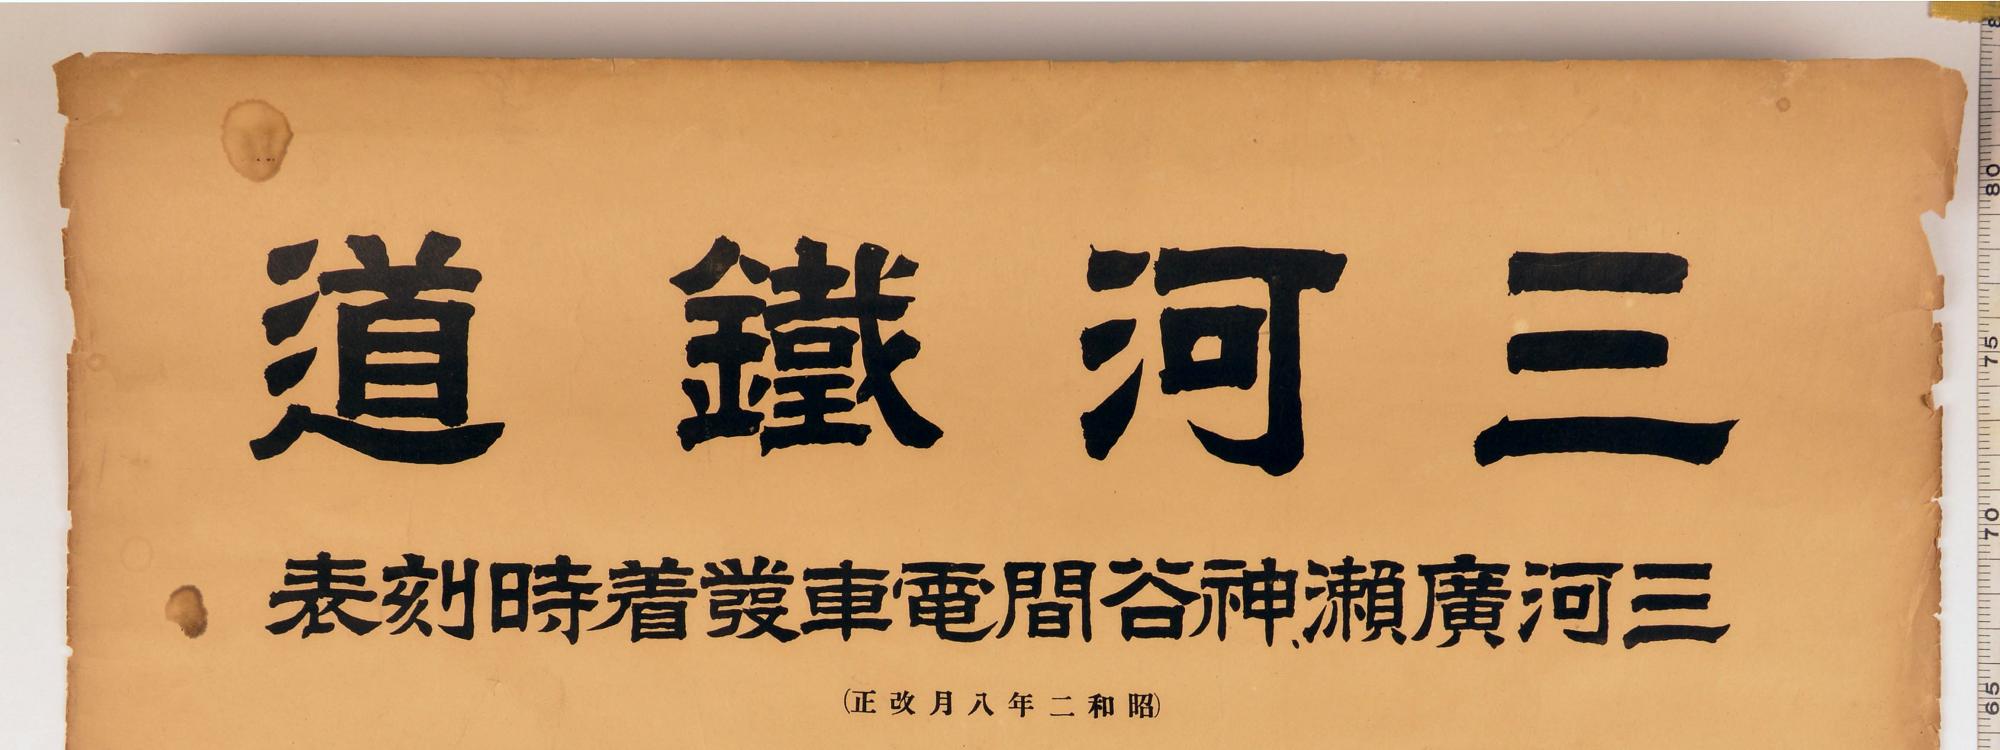 三河鉄道時刻表 (1) 題字 2000-750